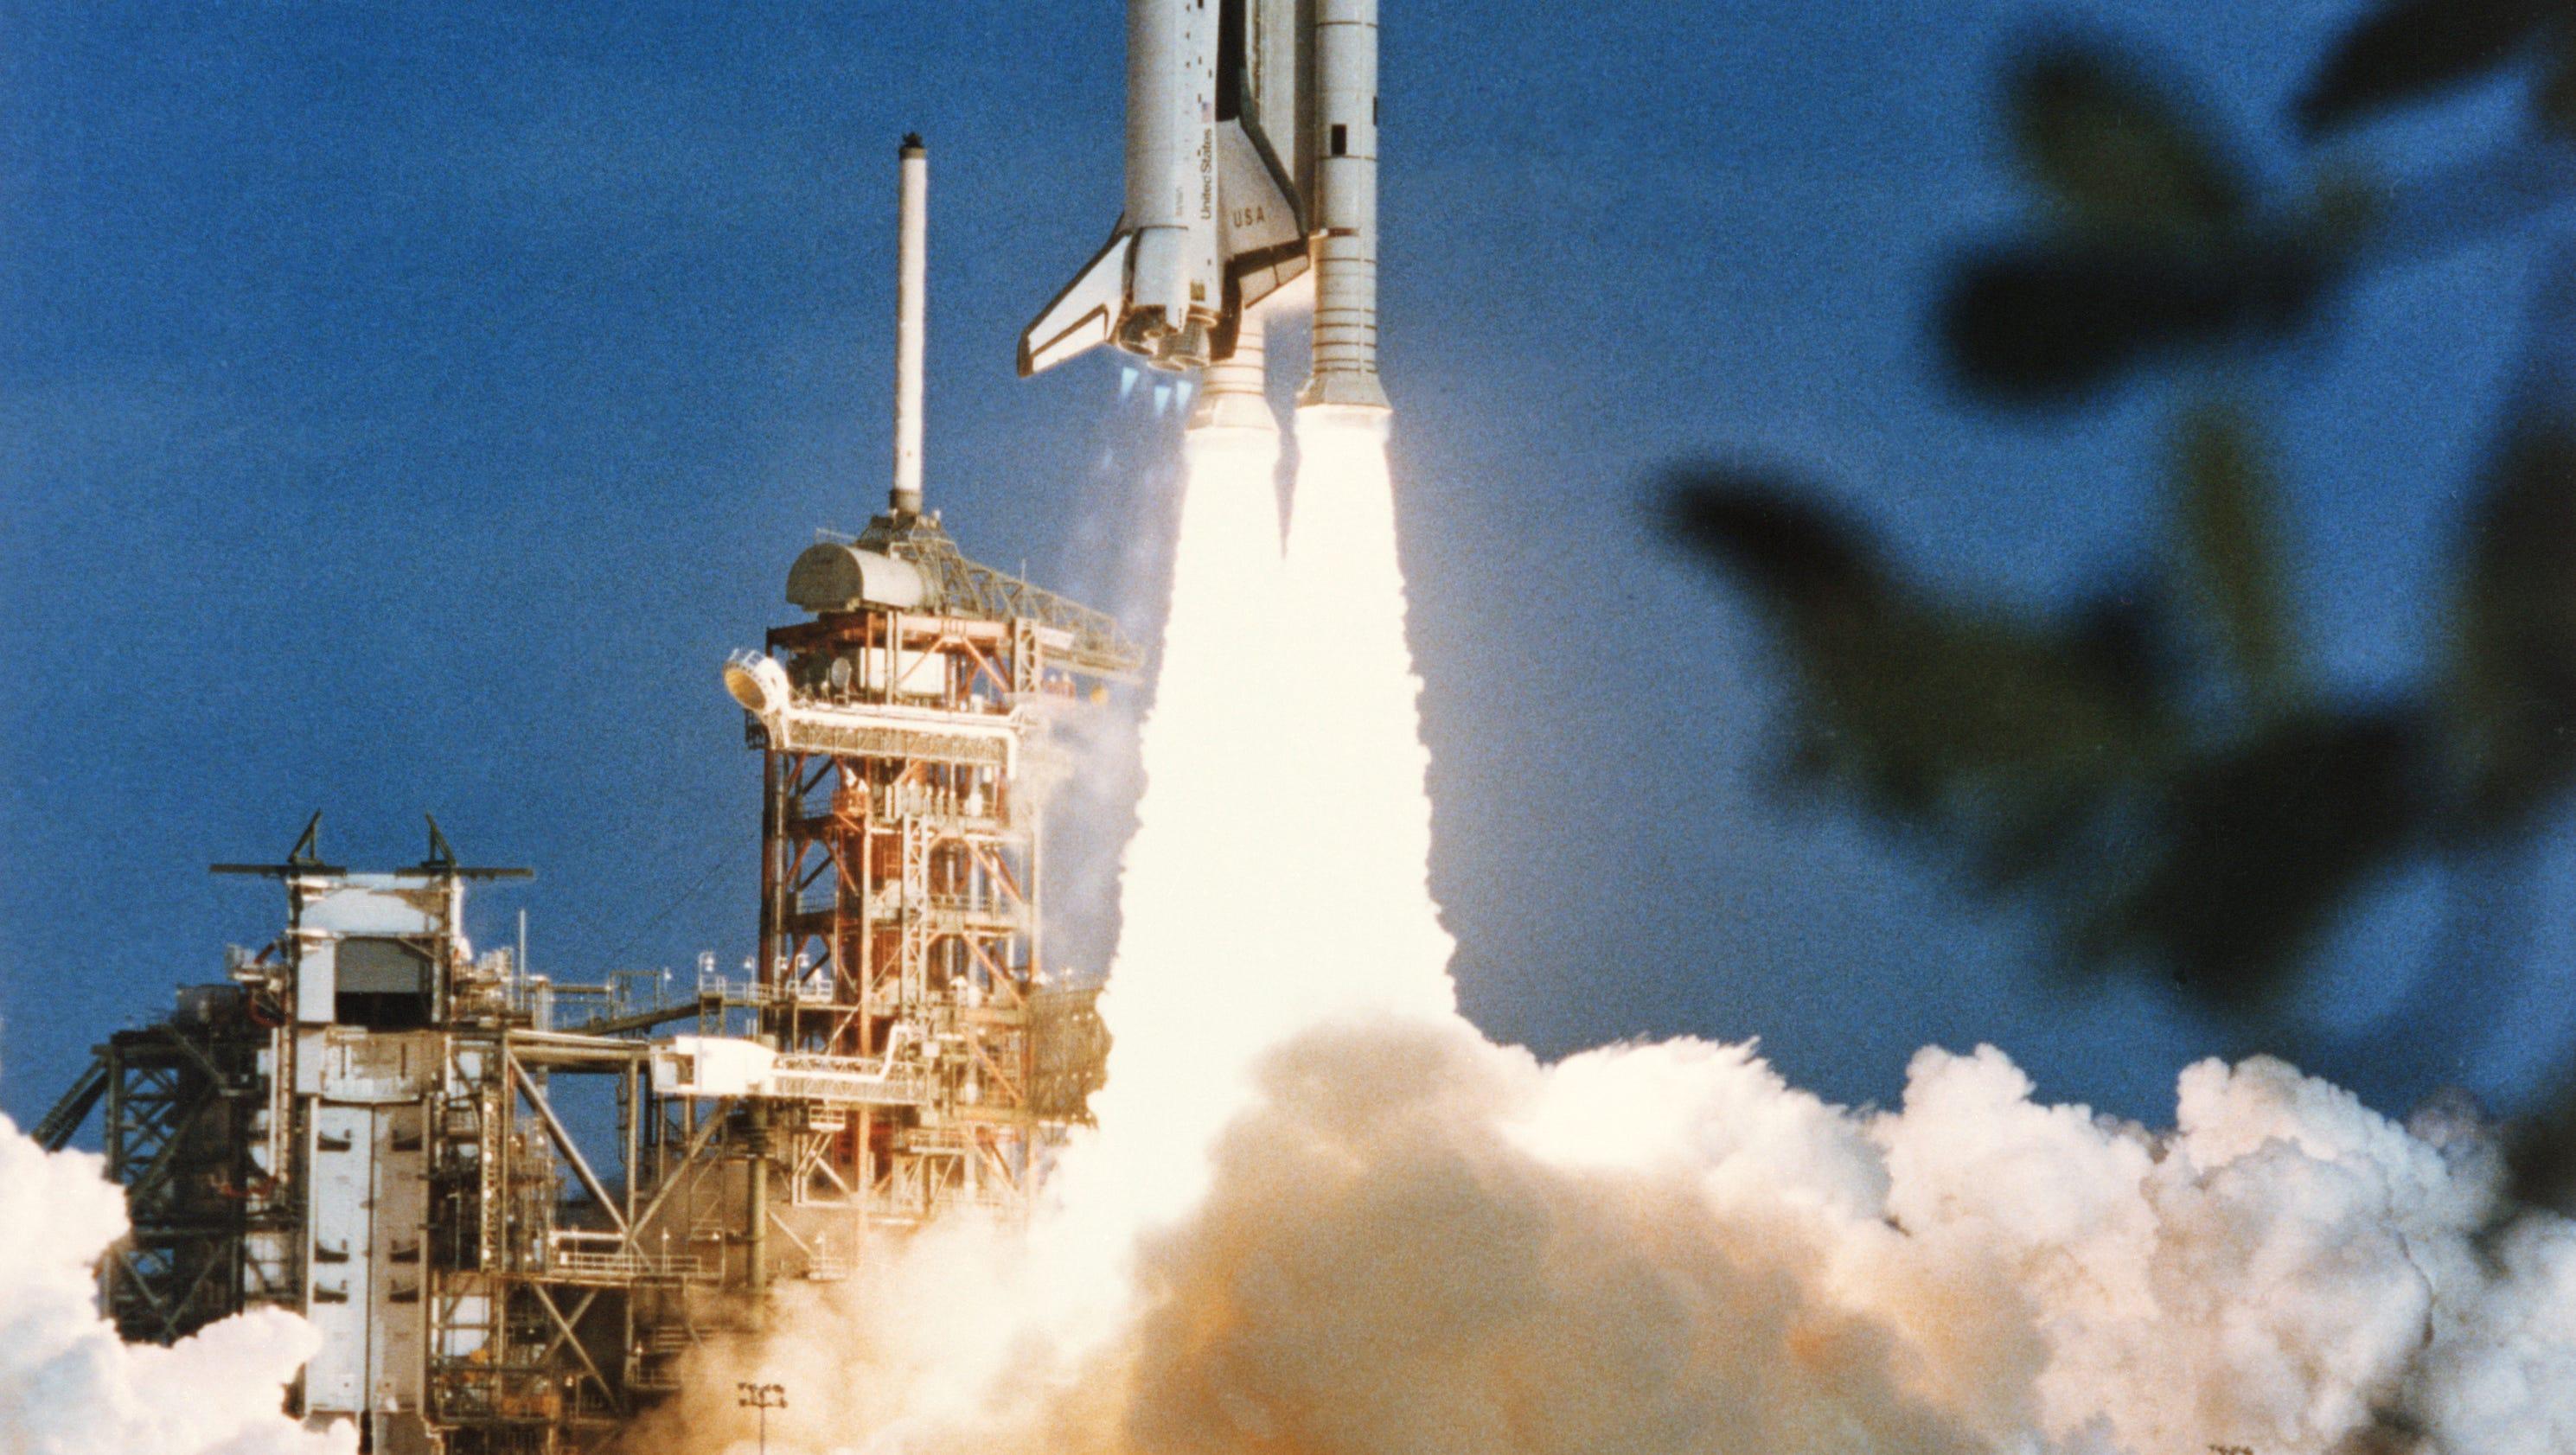 space shuttle program era -#main